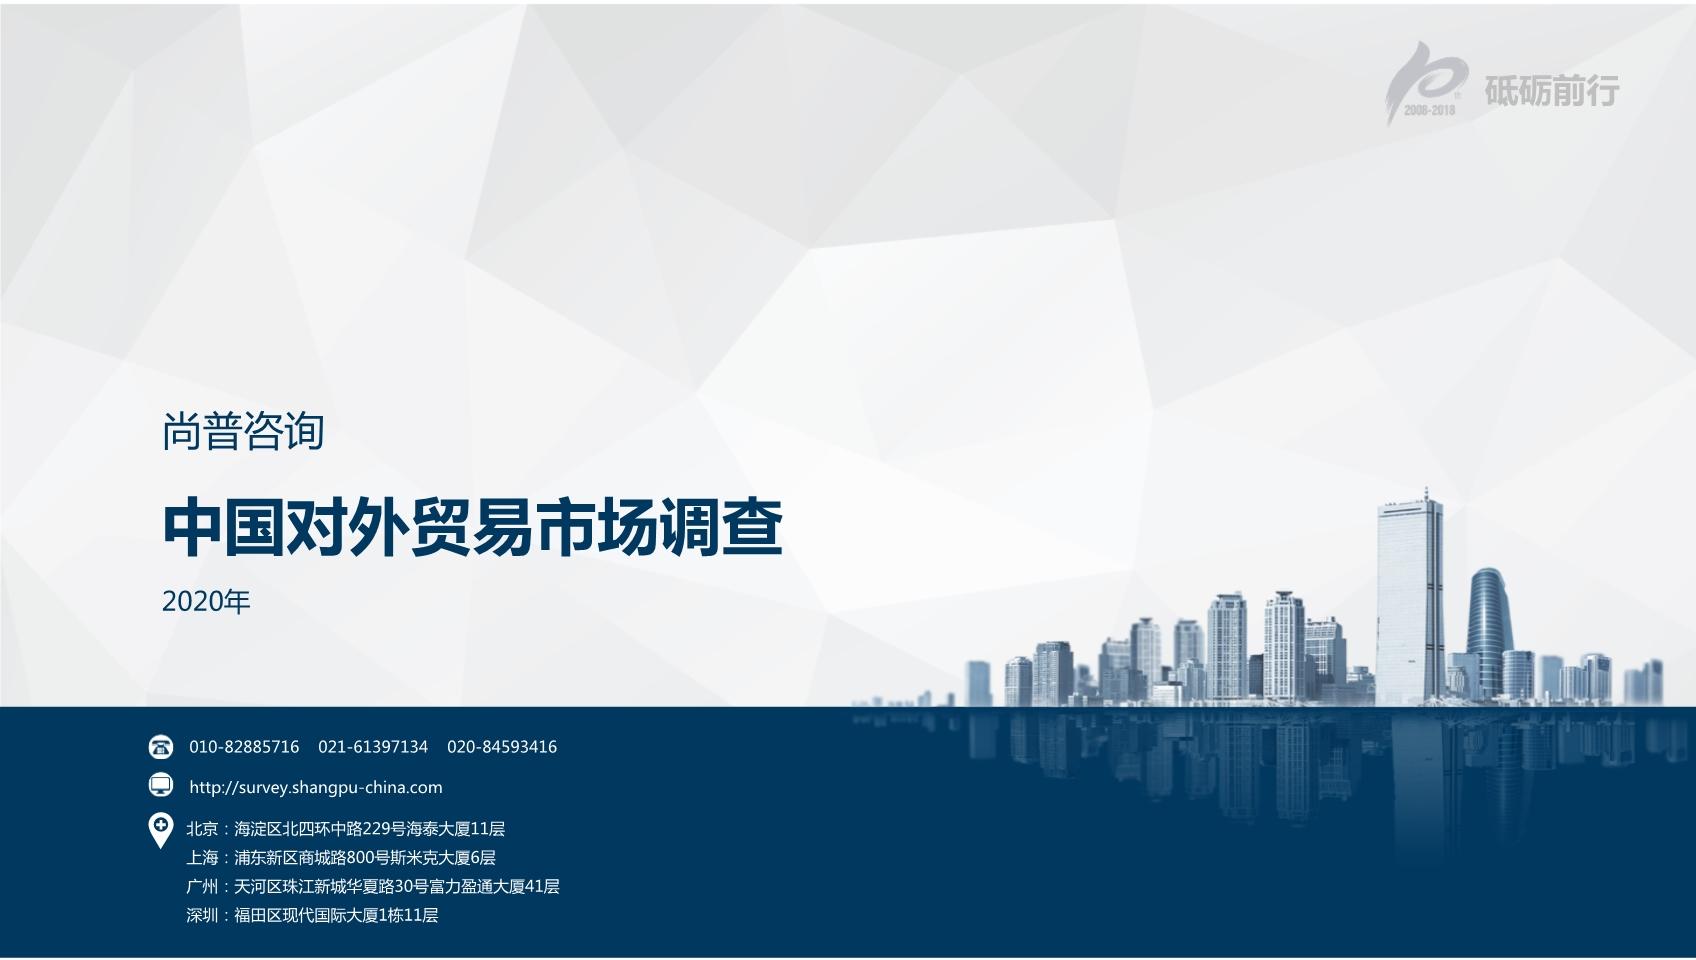 尚普咨询:2020年中国对外贸易市场调查